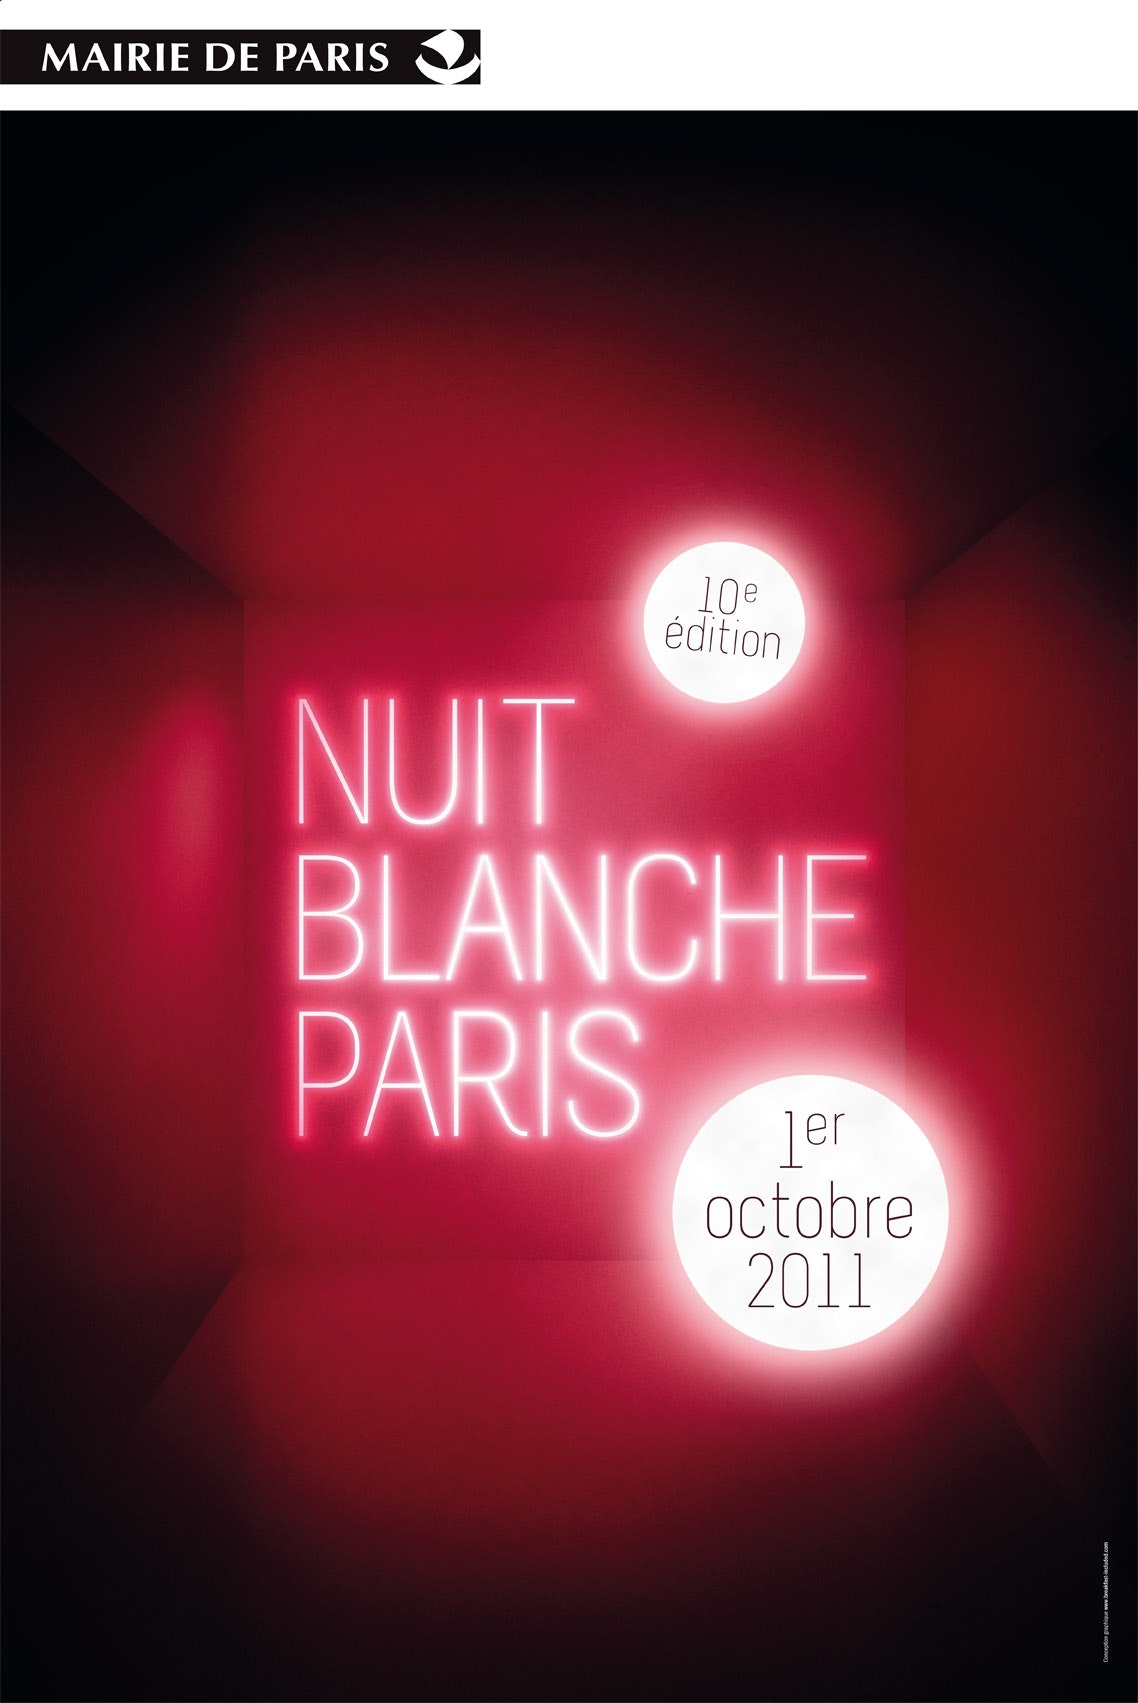 Poster de la nuit Blanche 2011